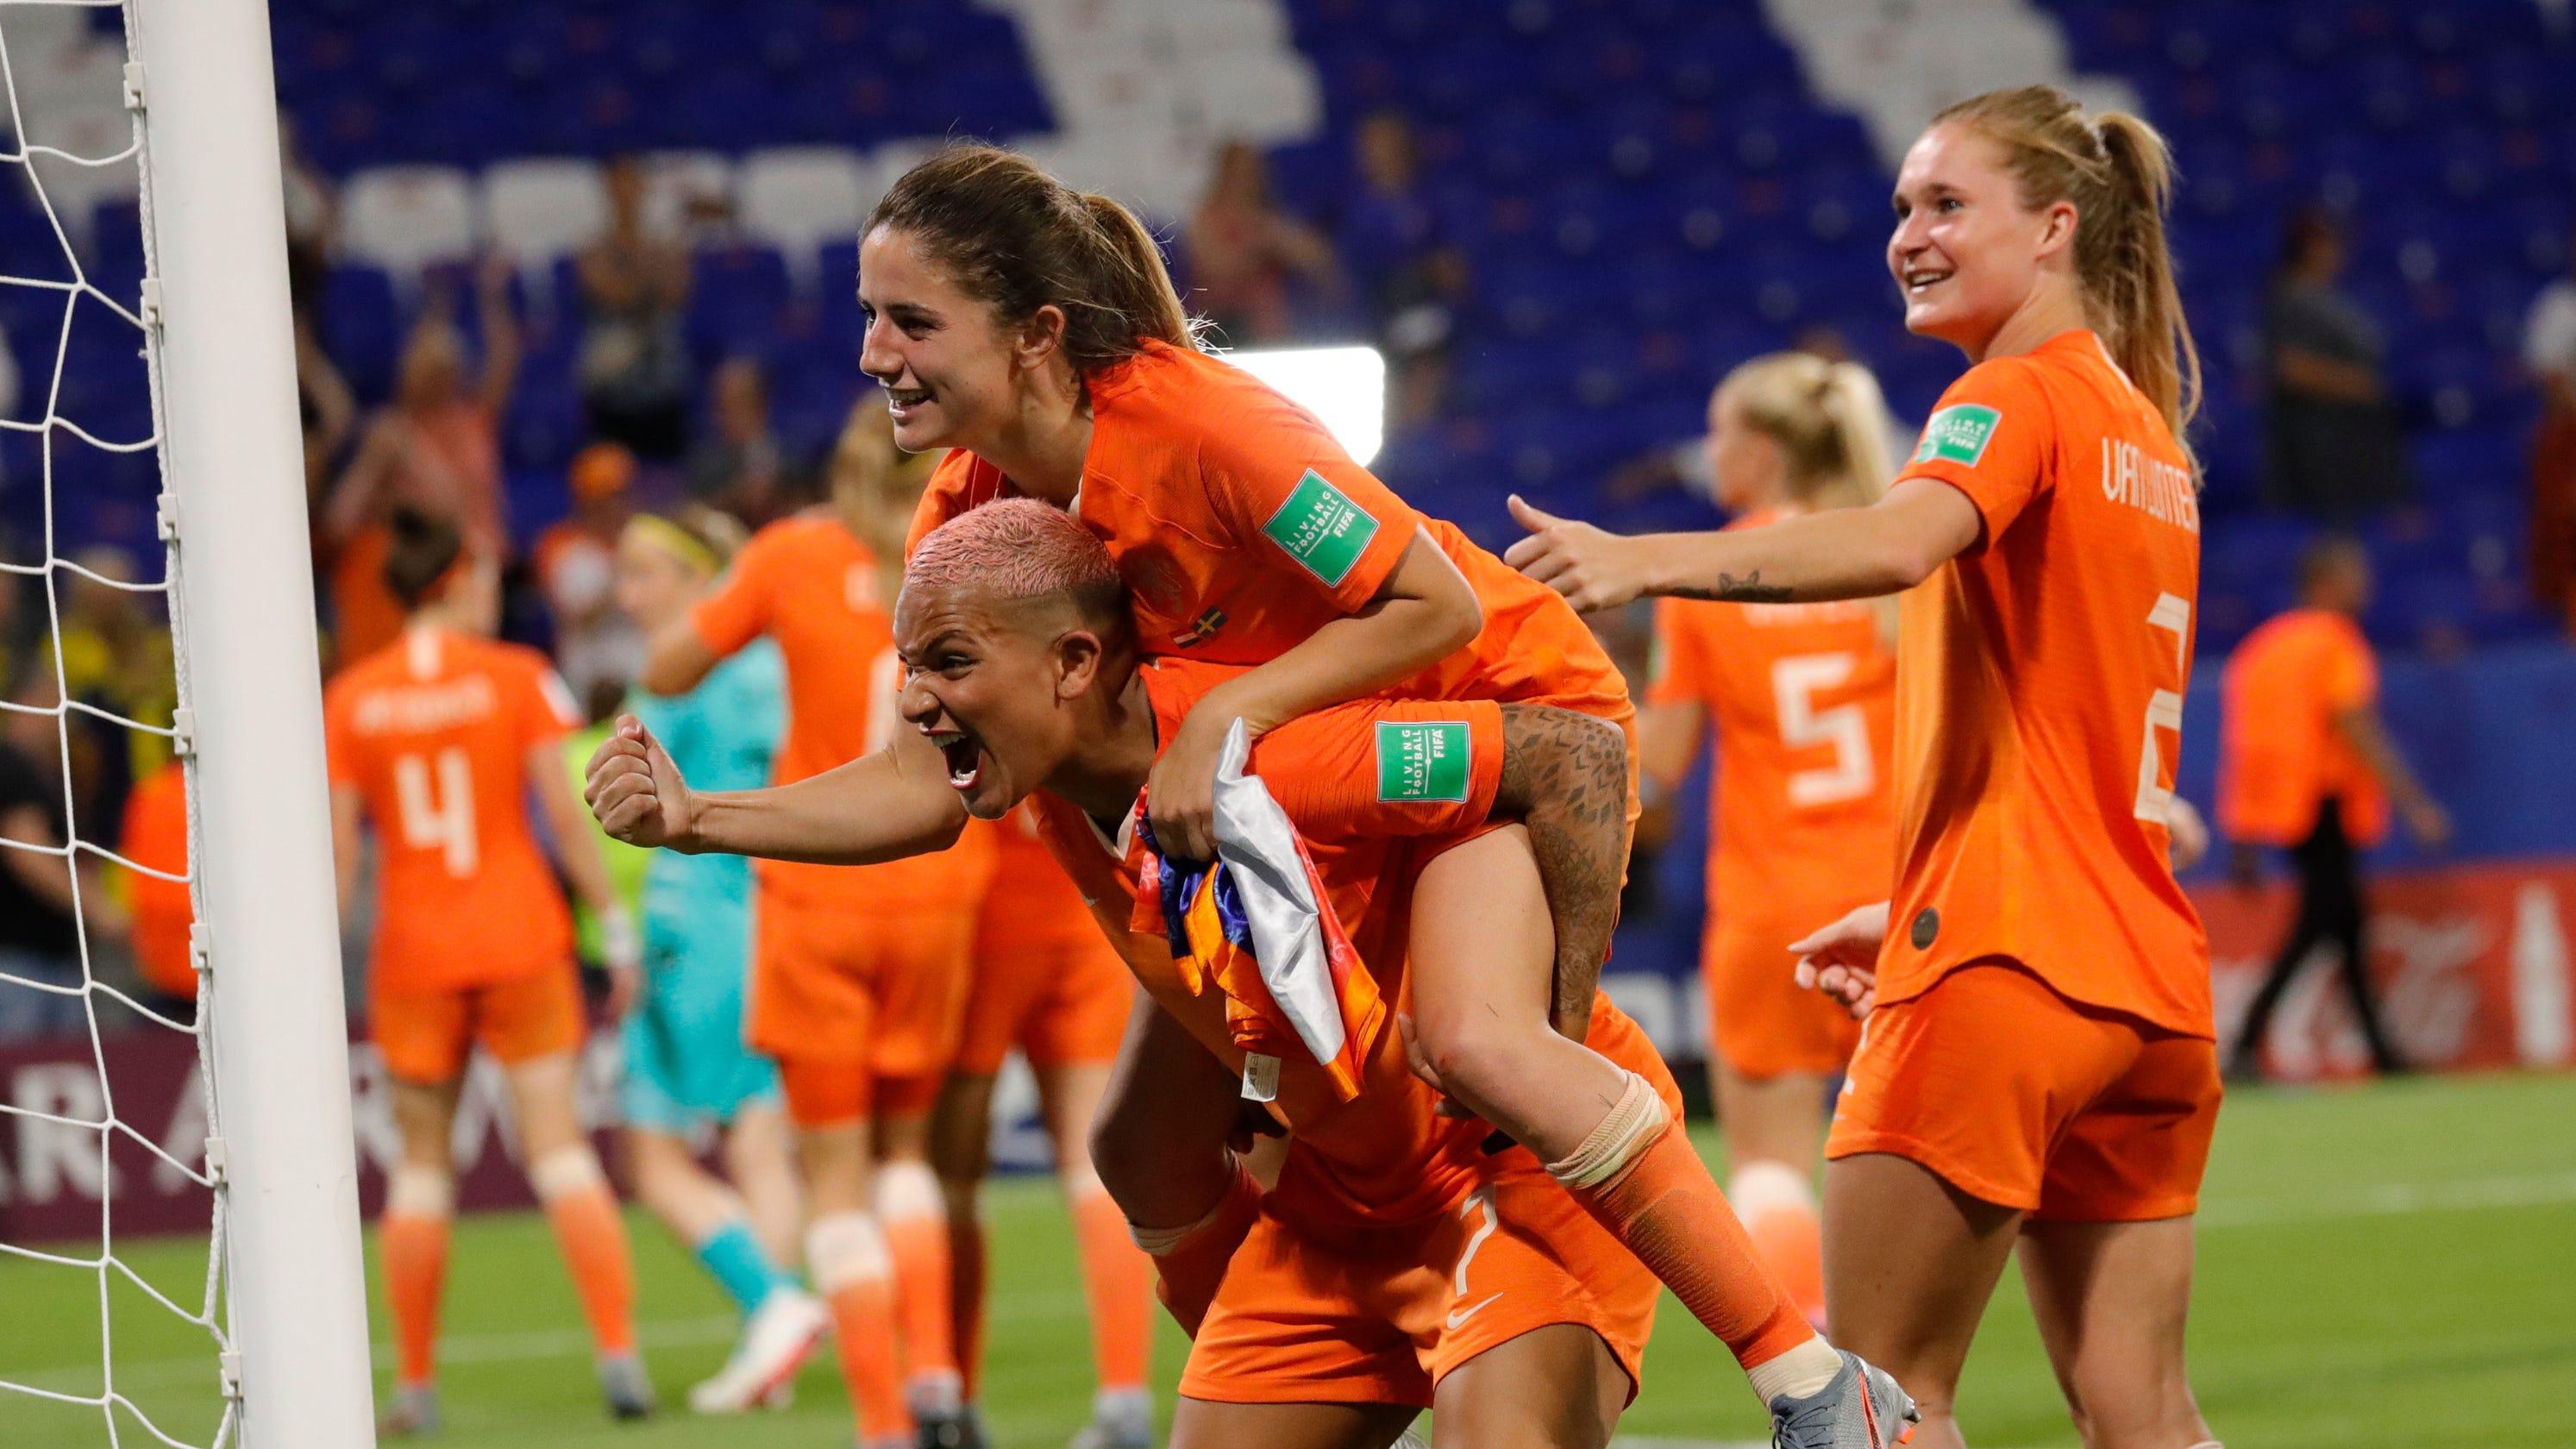 Tercer Puesto y FINAL Mundial Femenino LVM 2019(05 y 06/07) - Página 2 2fcc09fc-e5d7-47a8-a45b-d9c26d814c89-USP_Soccer__Womens_World_Cup-Netherlands_vs_Sweden